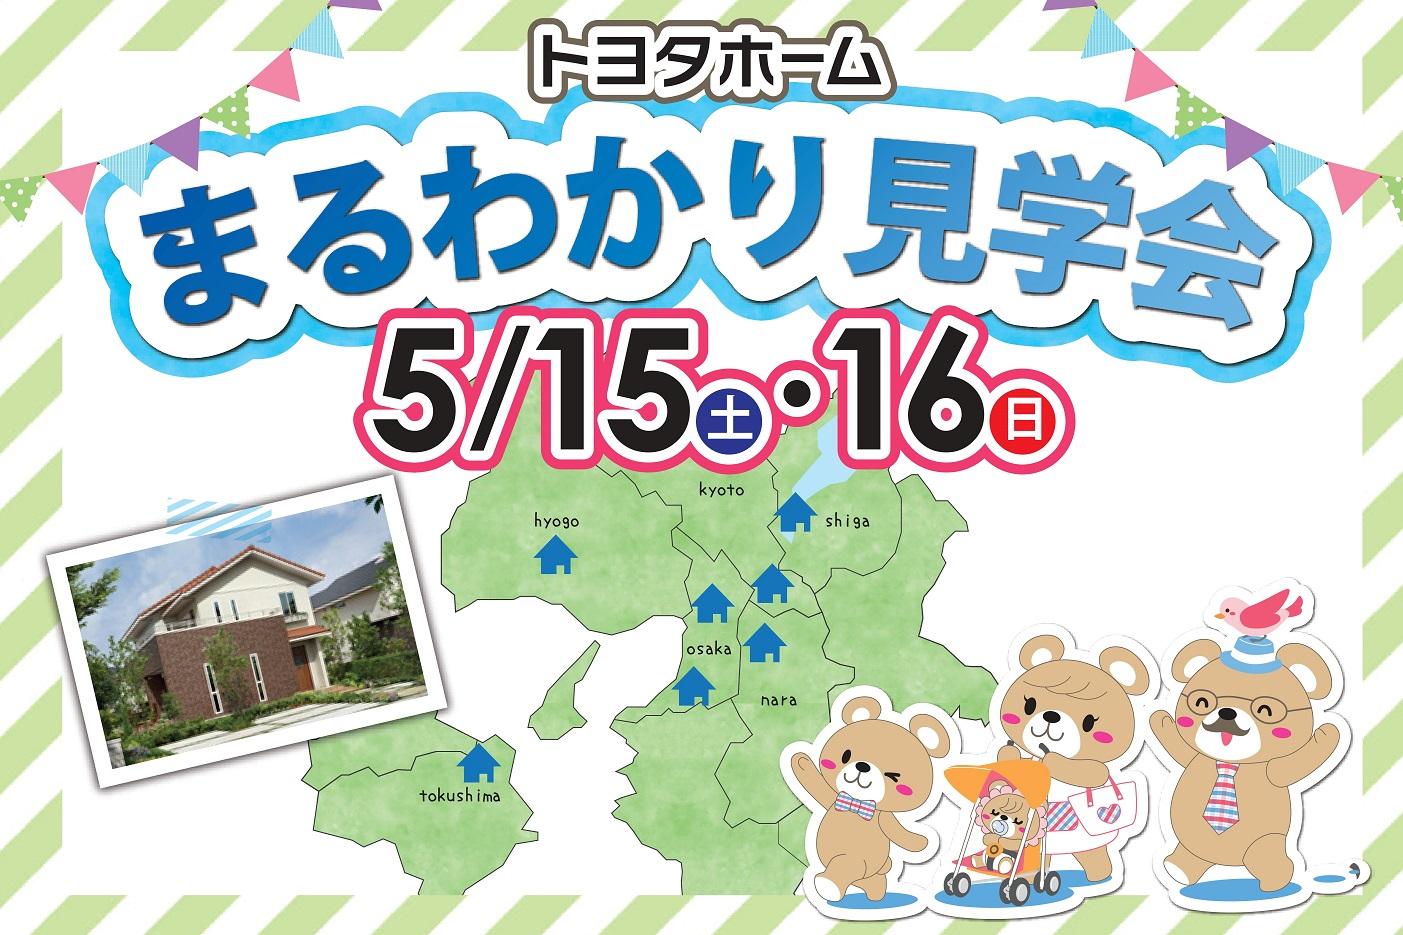 5/15(土)・16(日)◆トヨタホームまるわかり見学会サムネイル画像